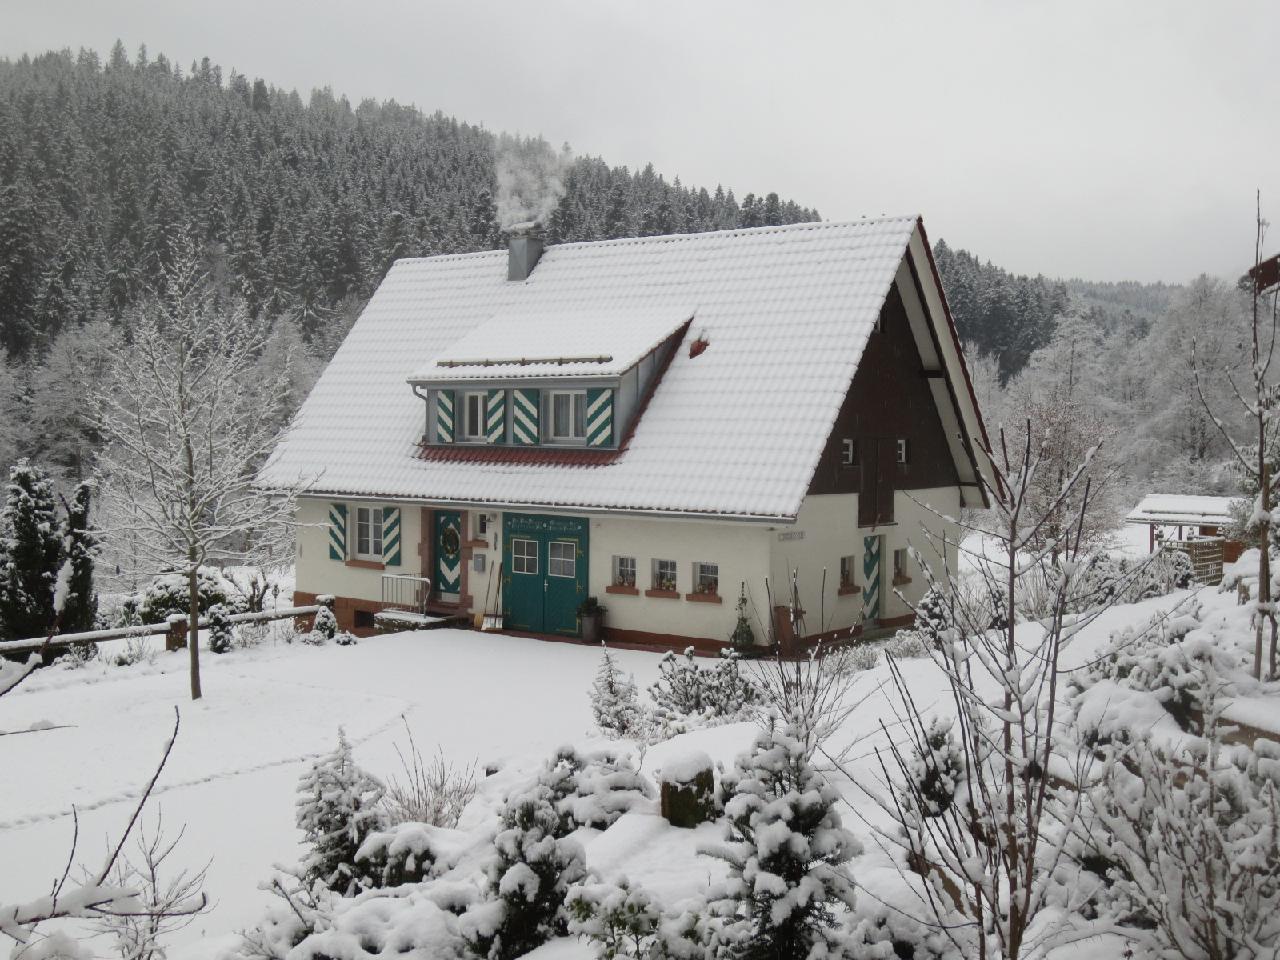 Ferienhaus Tauchert (979550), Baiersbronn, Schwarzwald, Baden-Württemberg, Deutschland, Bild 36